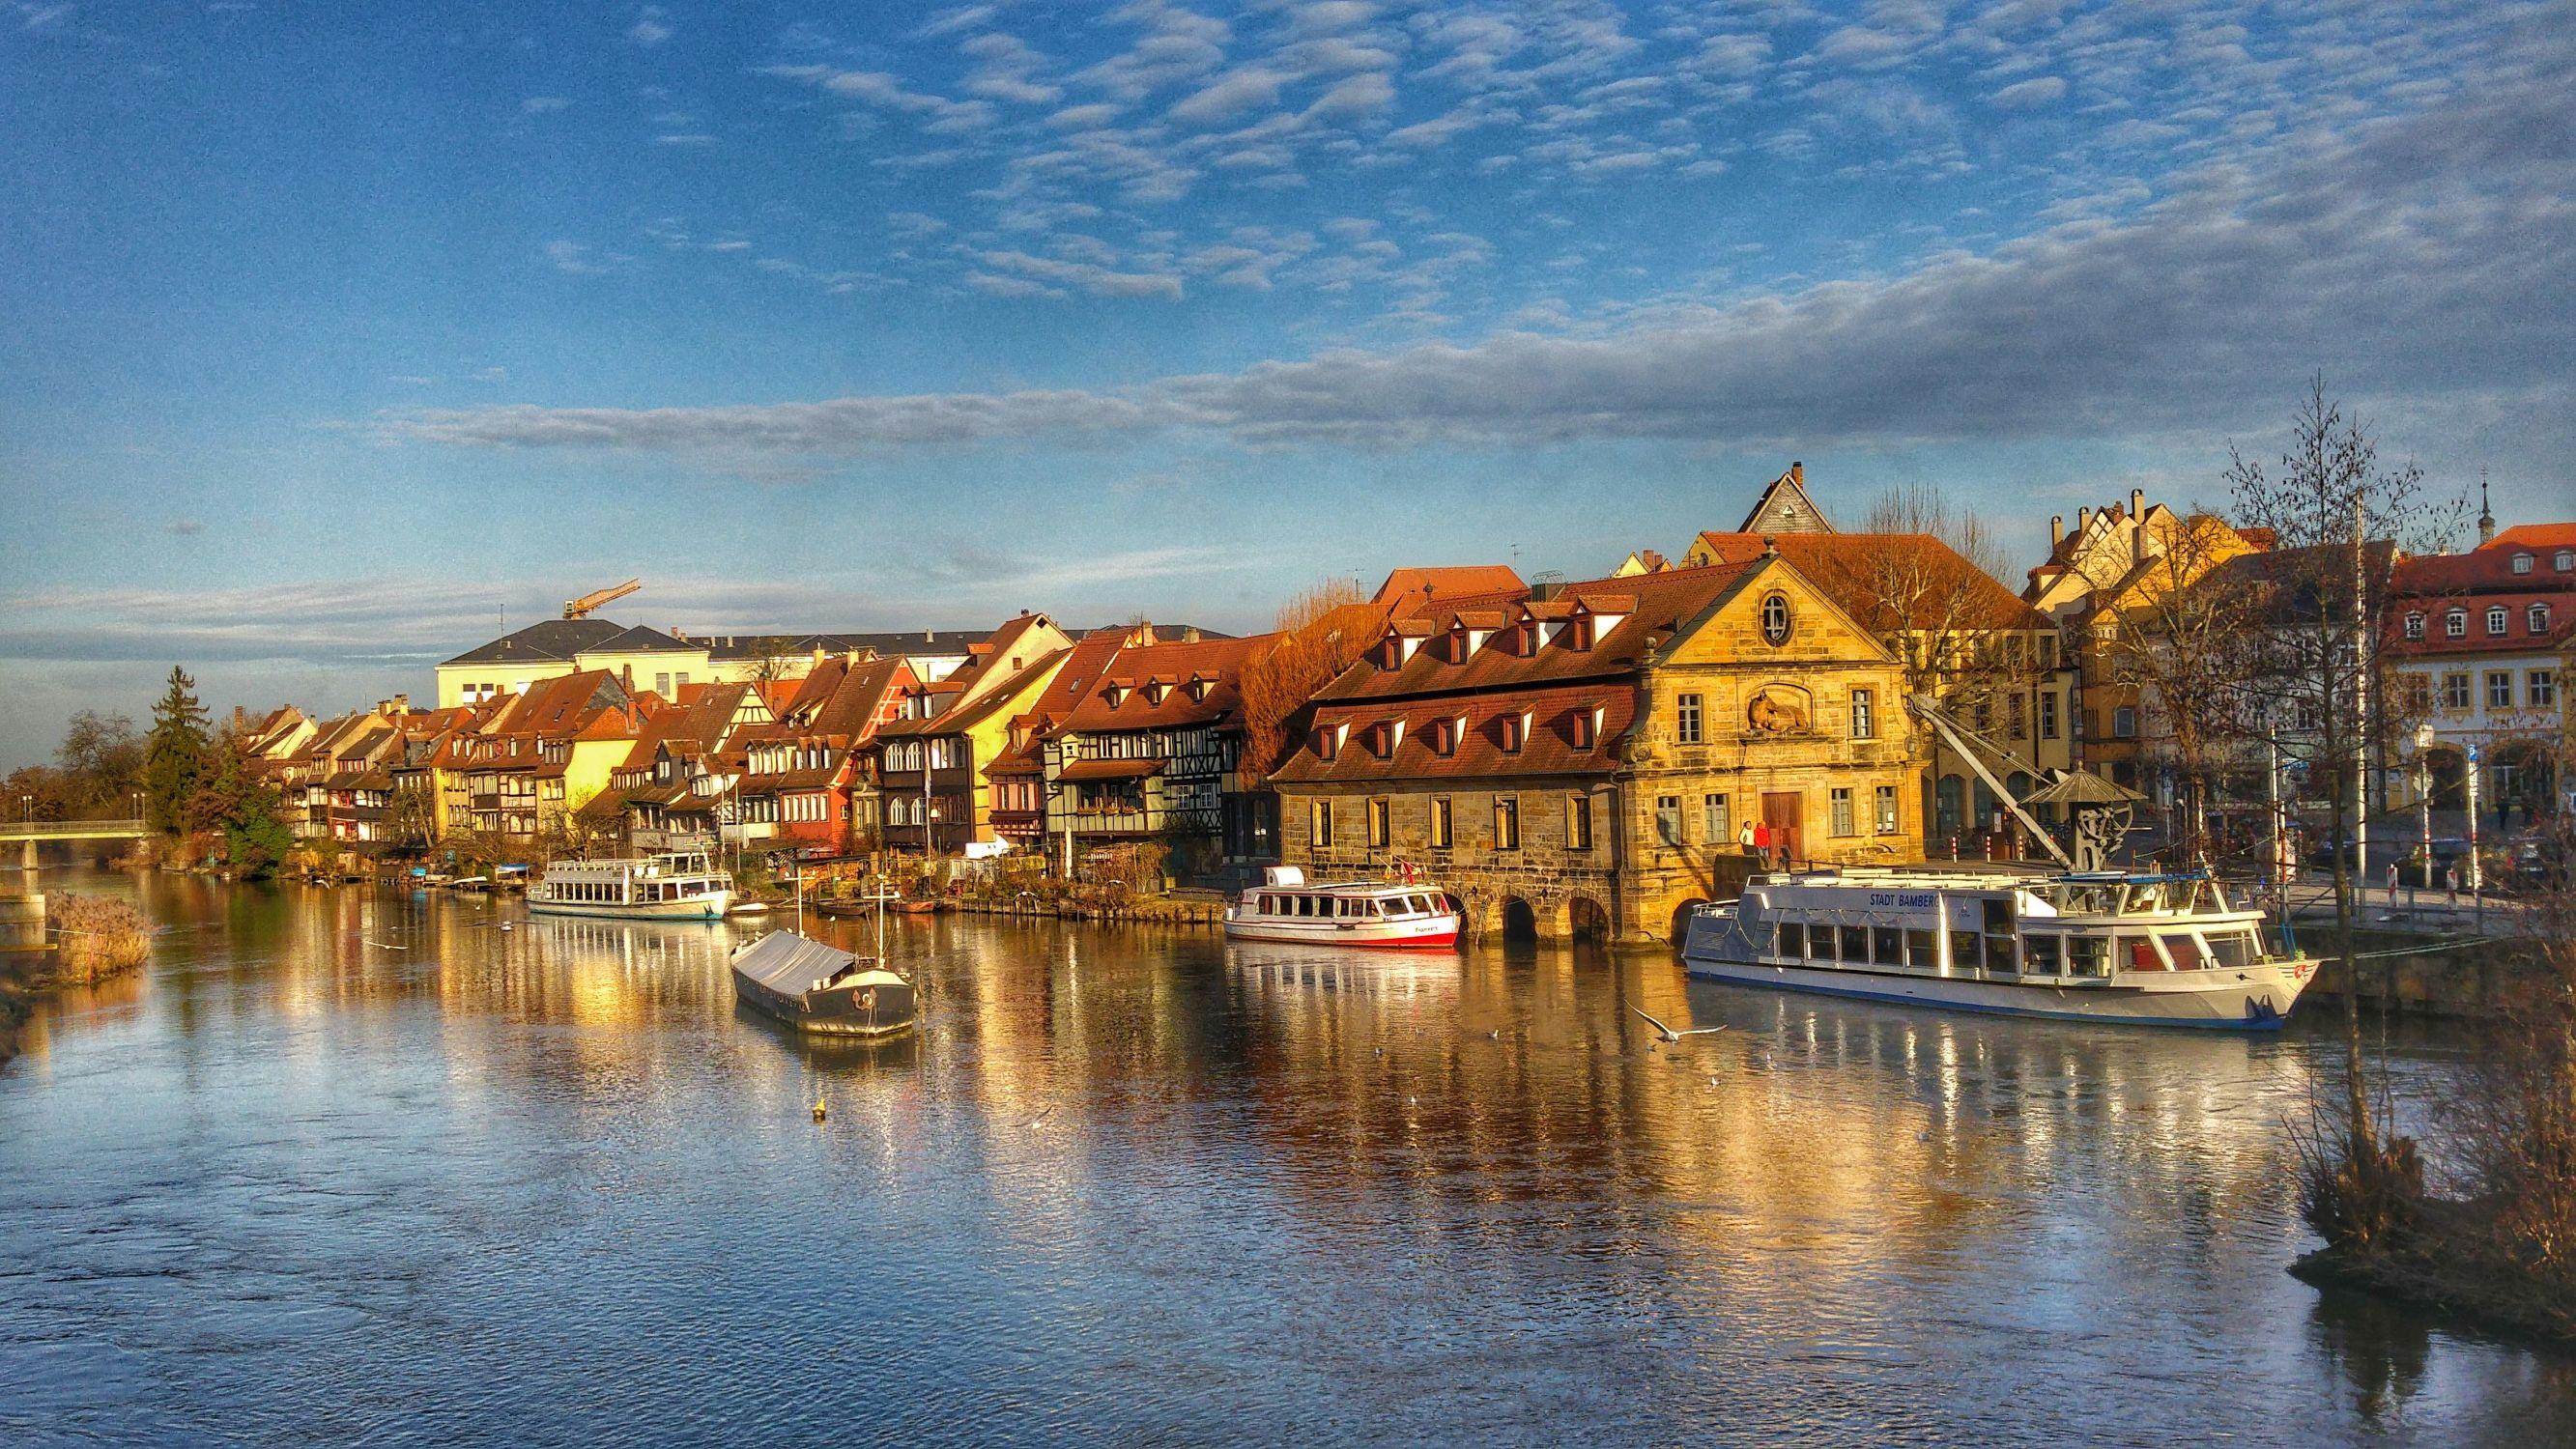 Bild mit Wasser, Urlaub, Deutschland, Blau, Stadt, City, Reise, Städtereisen, germany, Fluss, franken, sightseeing, regnitz, bamberg, franconia